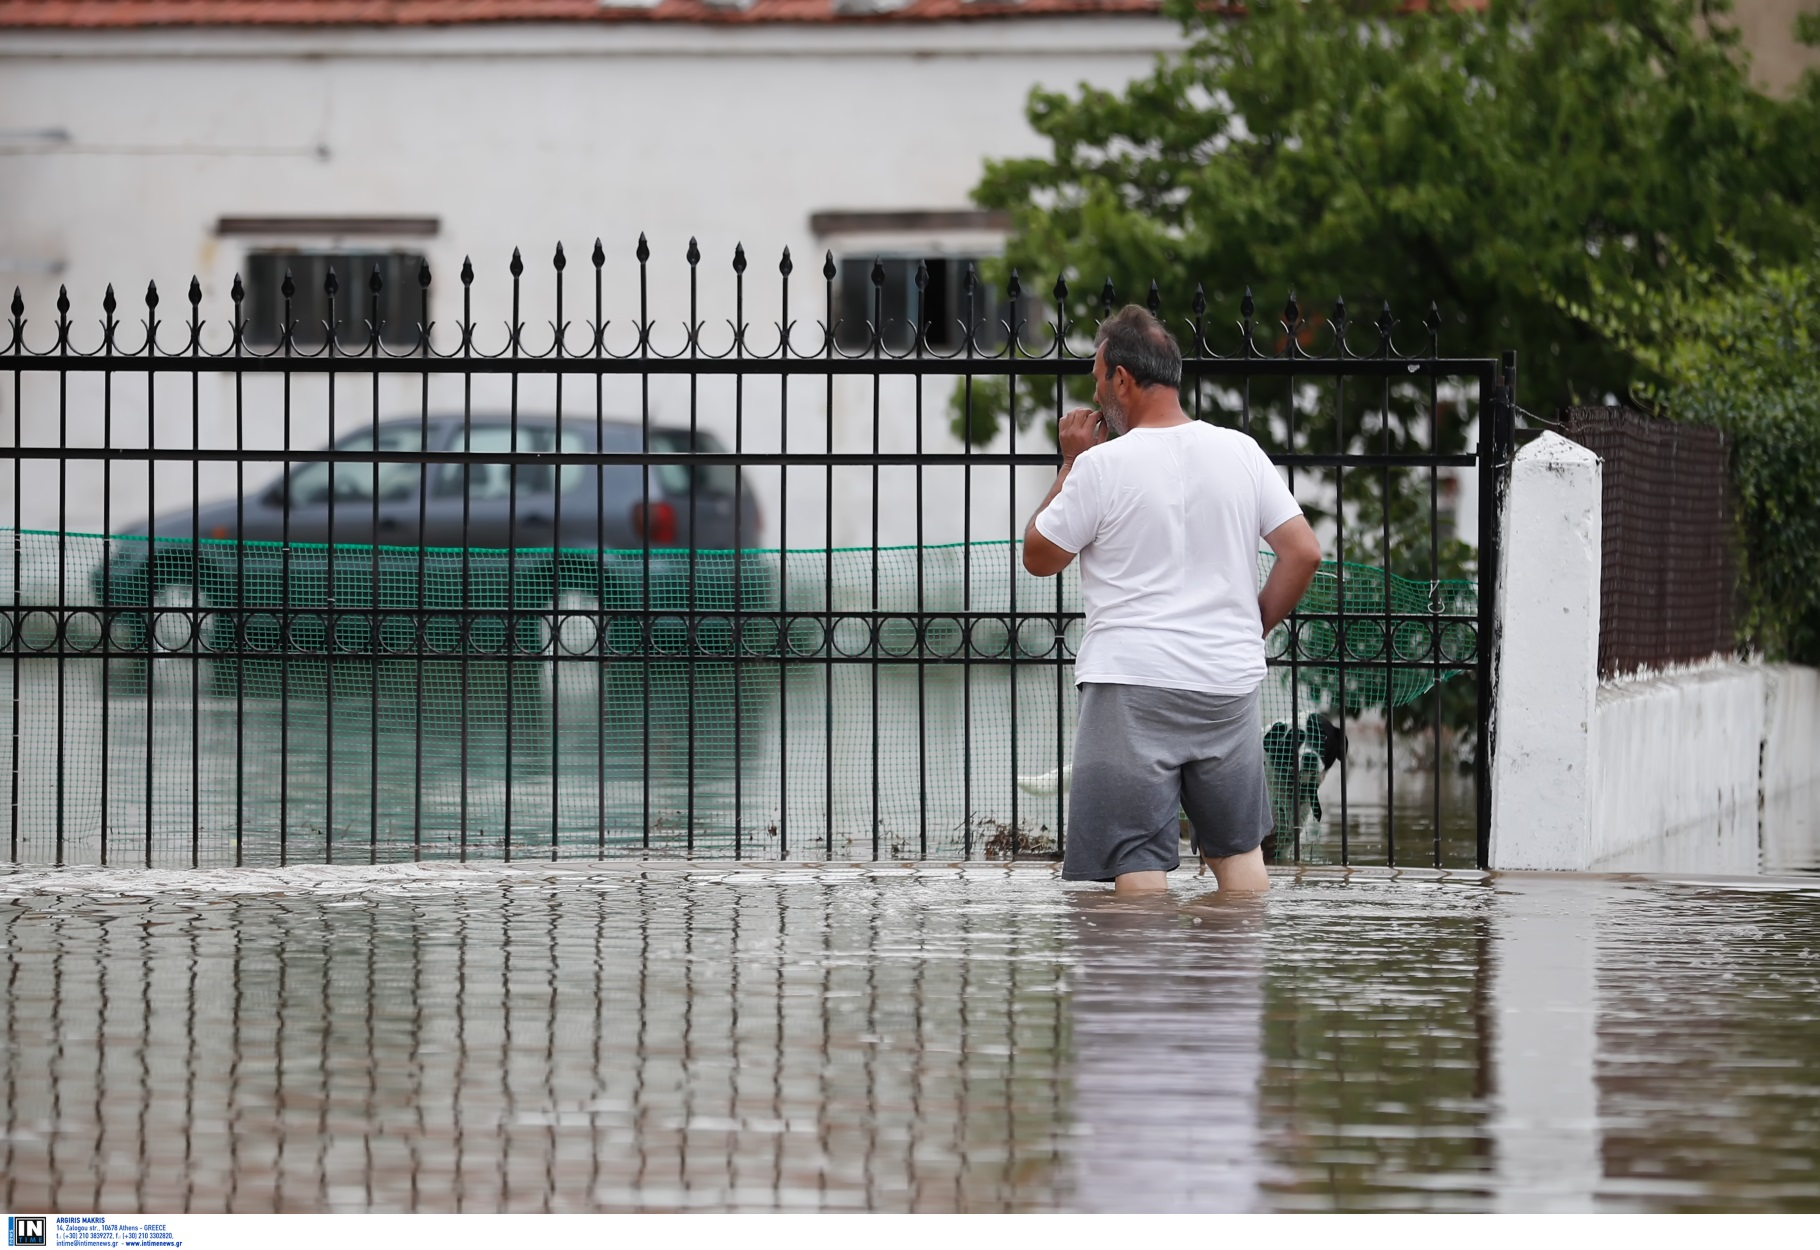 Αττική: 50 εκατ. ευρώ για έργα αποκατάστασης από φυσικές καταστροφές